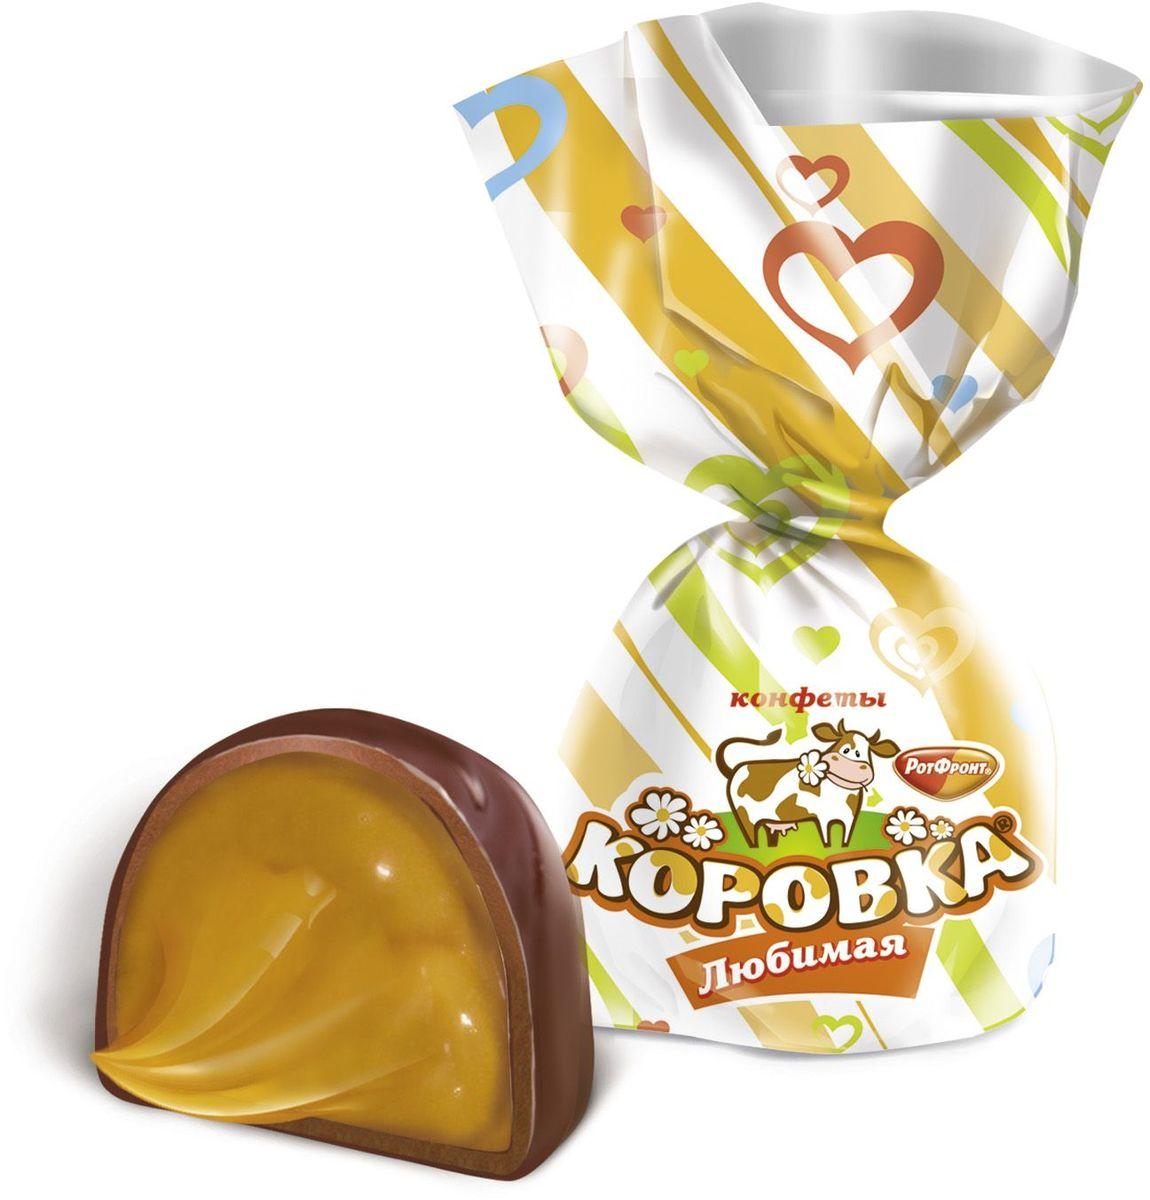 Рот-Фронт Коровка Любимая конфеты с карамельно-сливочная начинкой, покрытой шоколадной глазурью, 250 гРФ12222Знаменитые московские конфеты, напоминают Вкус Детства!